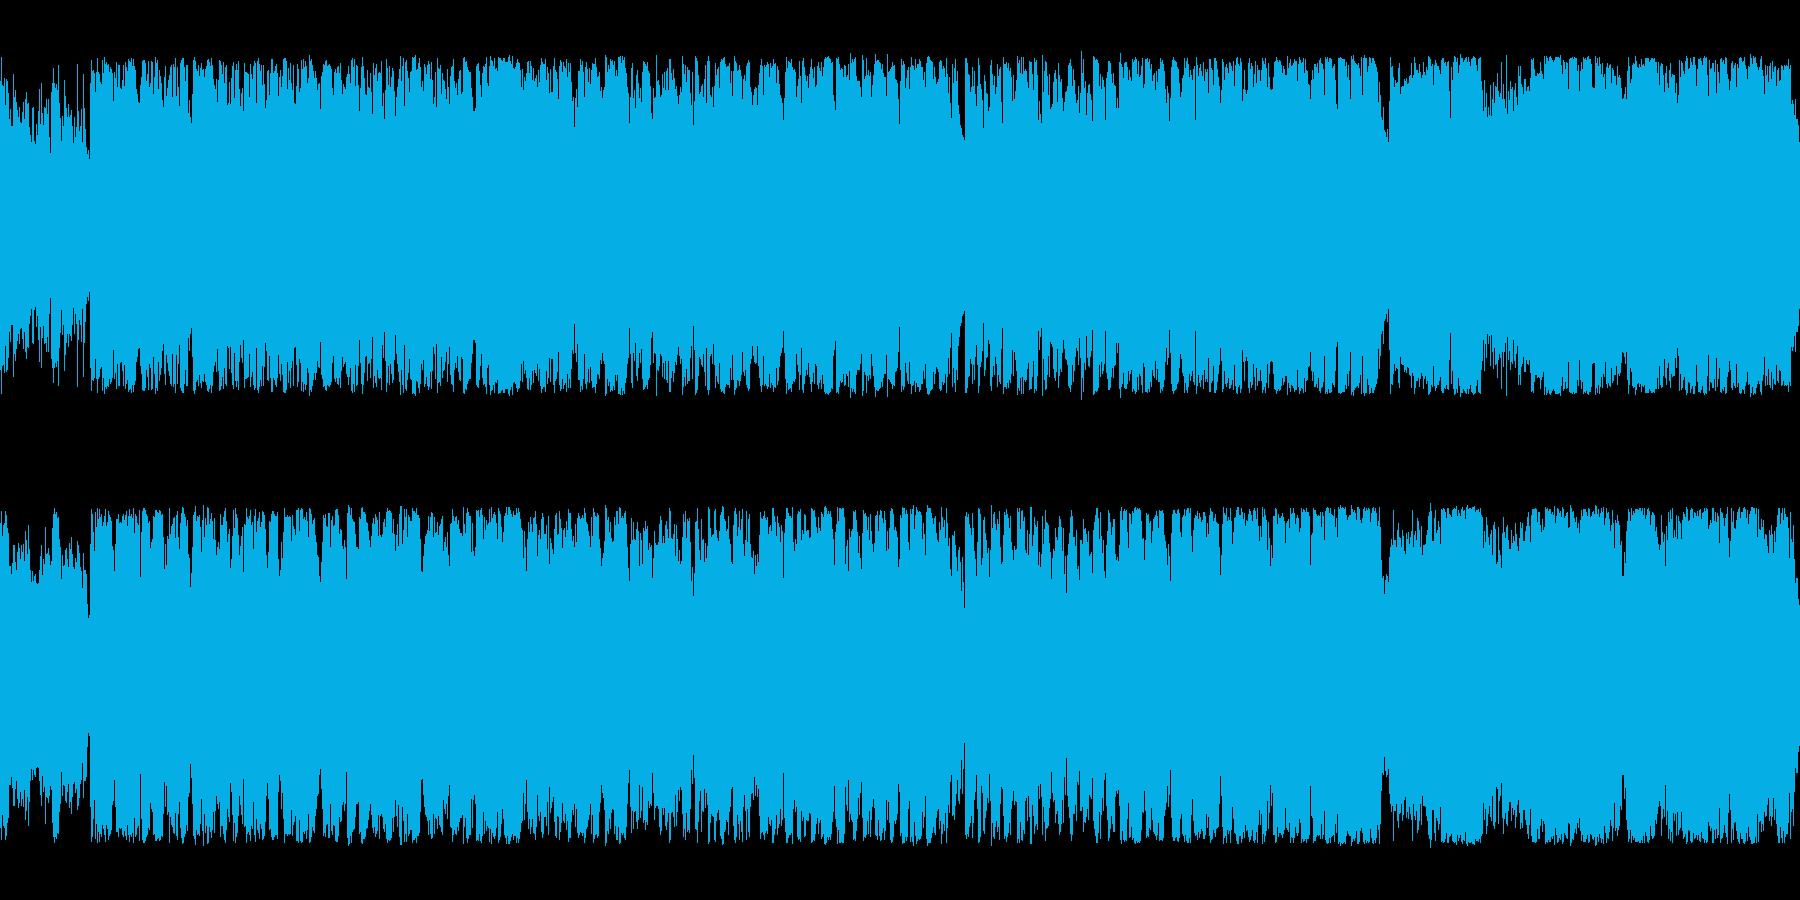 【壮大でかわいい】ファンファーレBGMの再生済みの波形